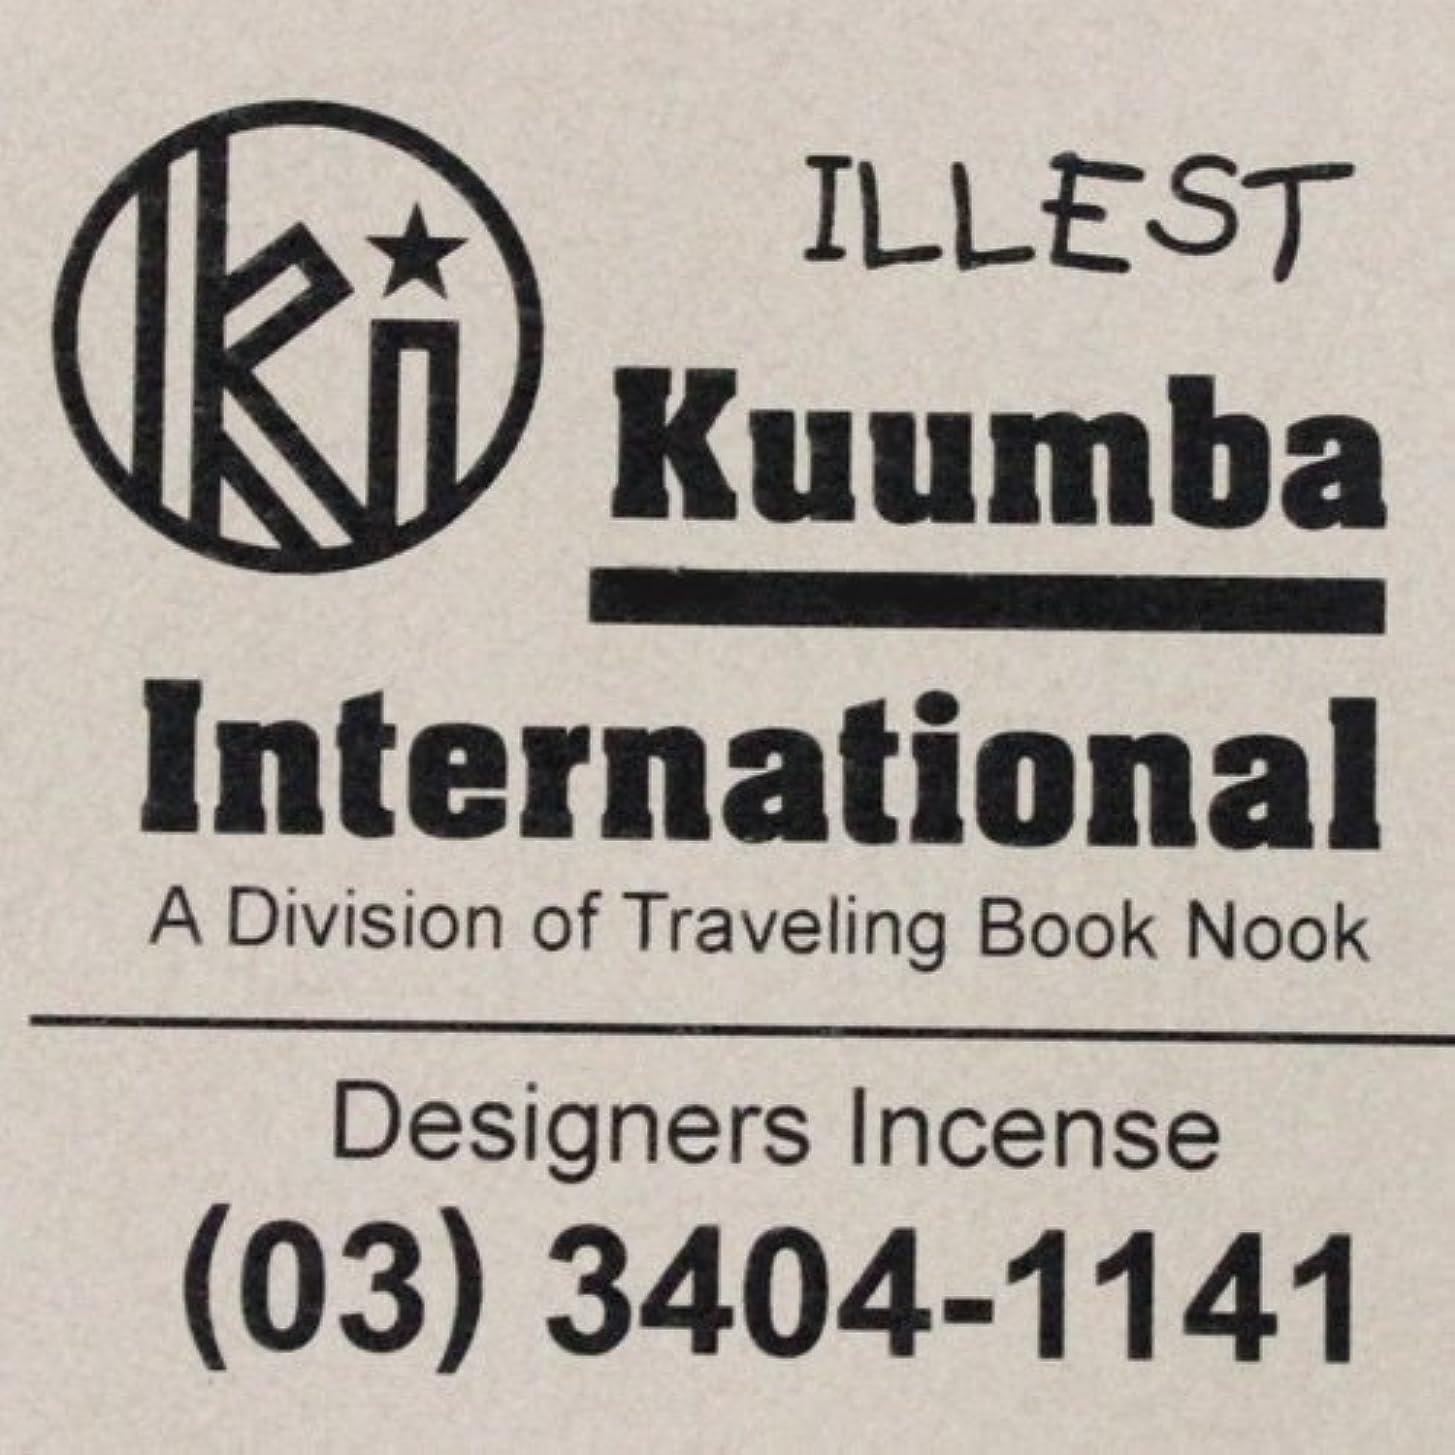 ブースト贈り物高揚したKuumba(クンバ)『incense』(ILLEST) (Regular size)